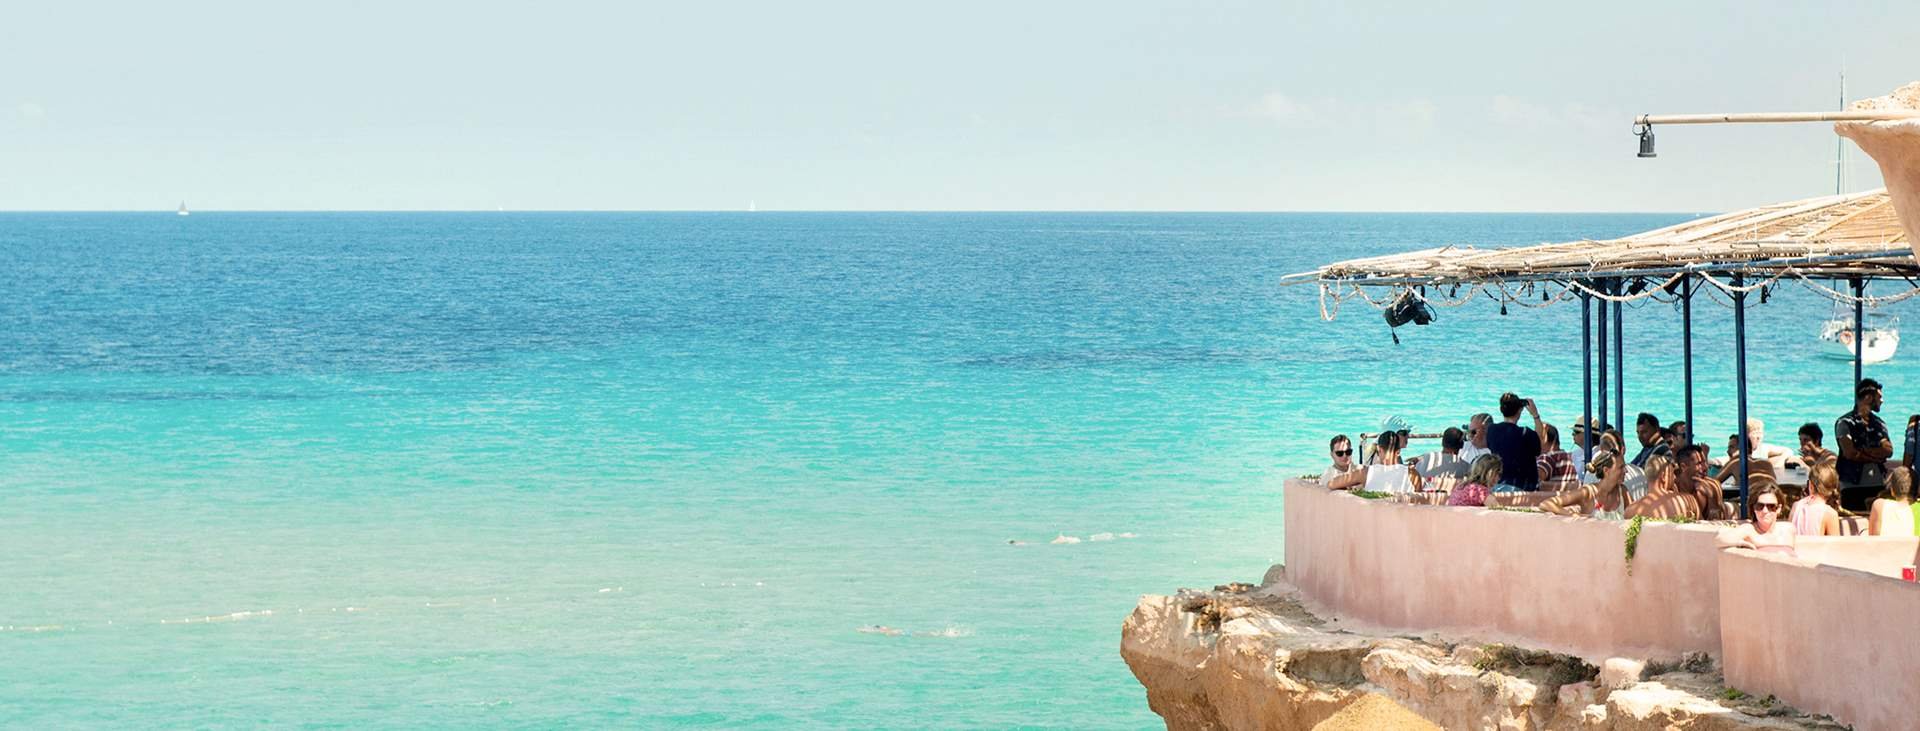 Boka din resa till Ibiza i Spanien med Ving